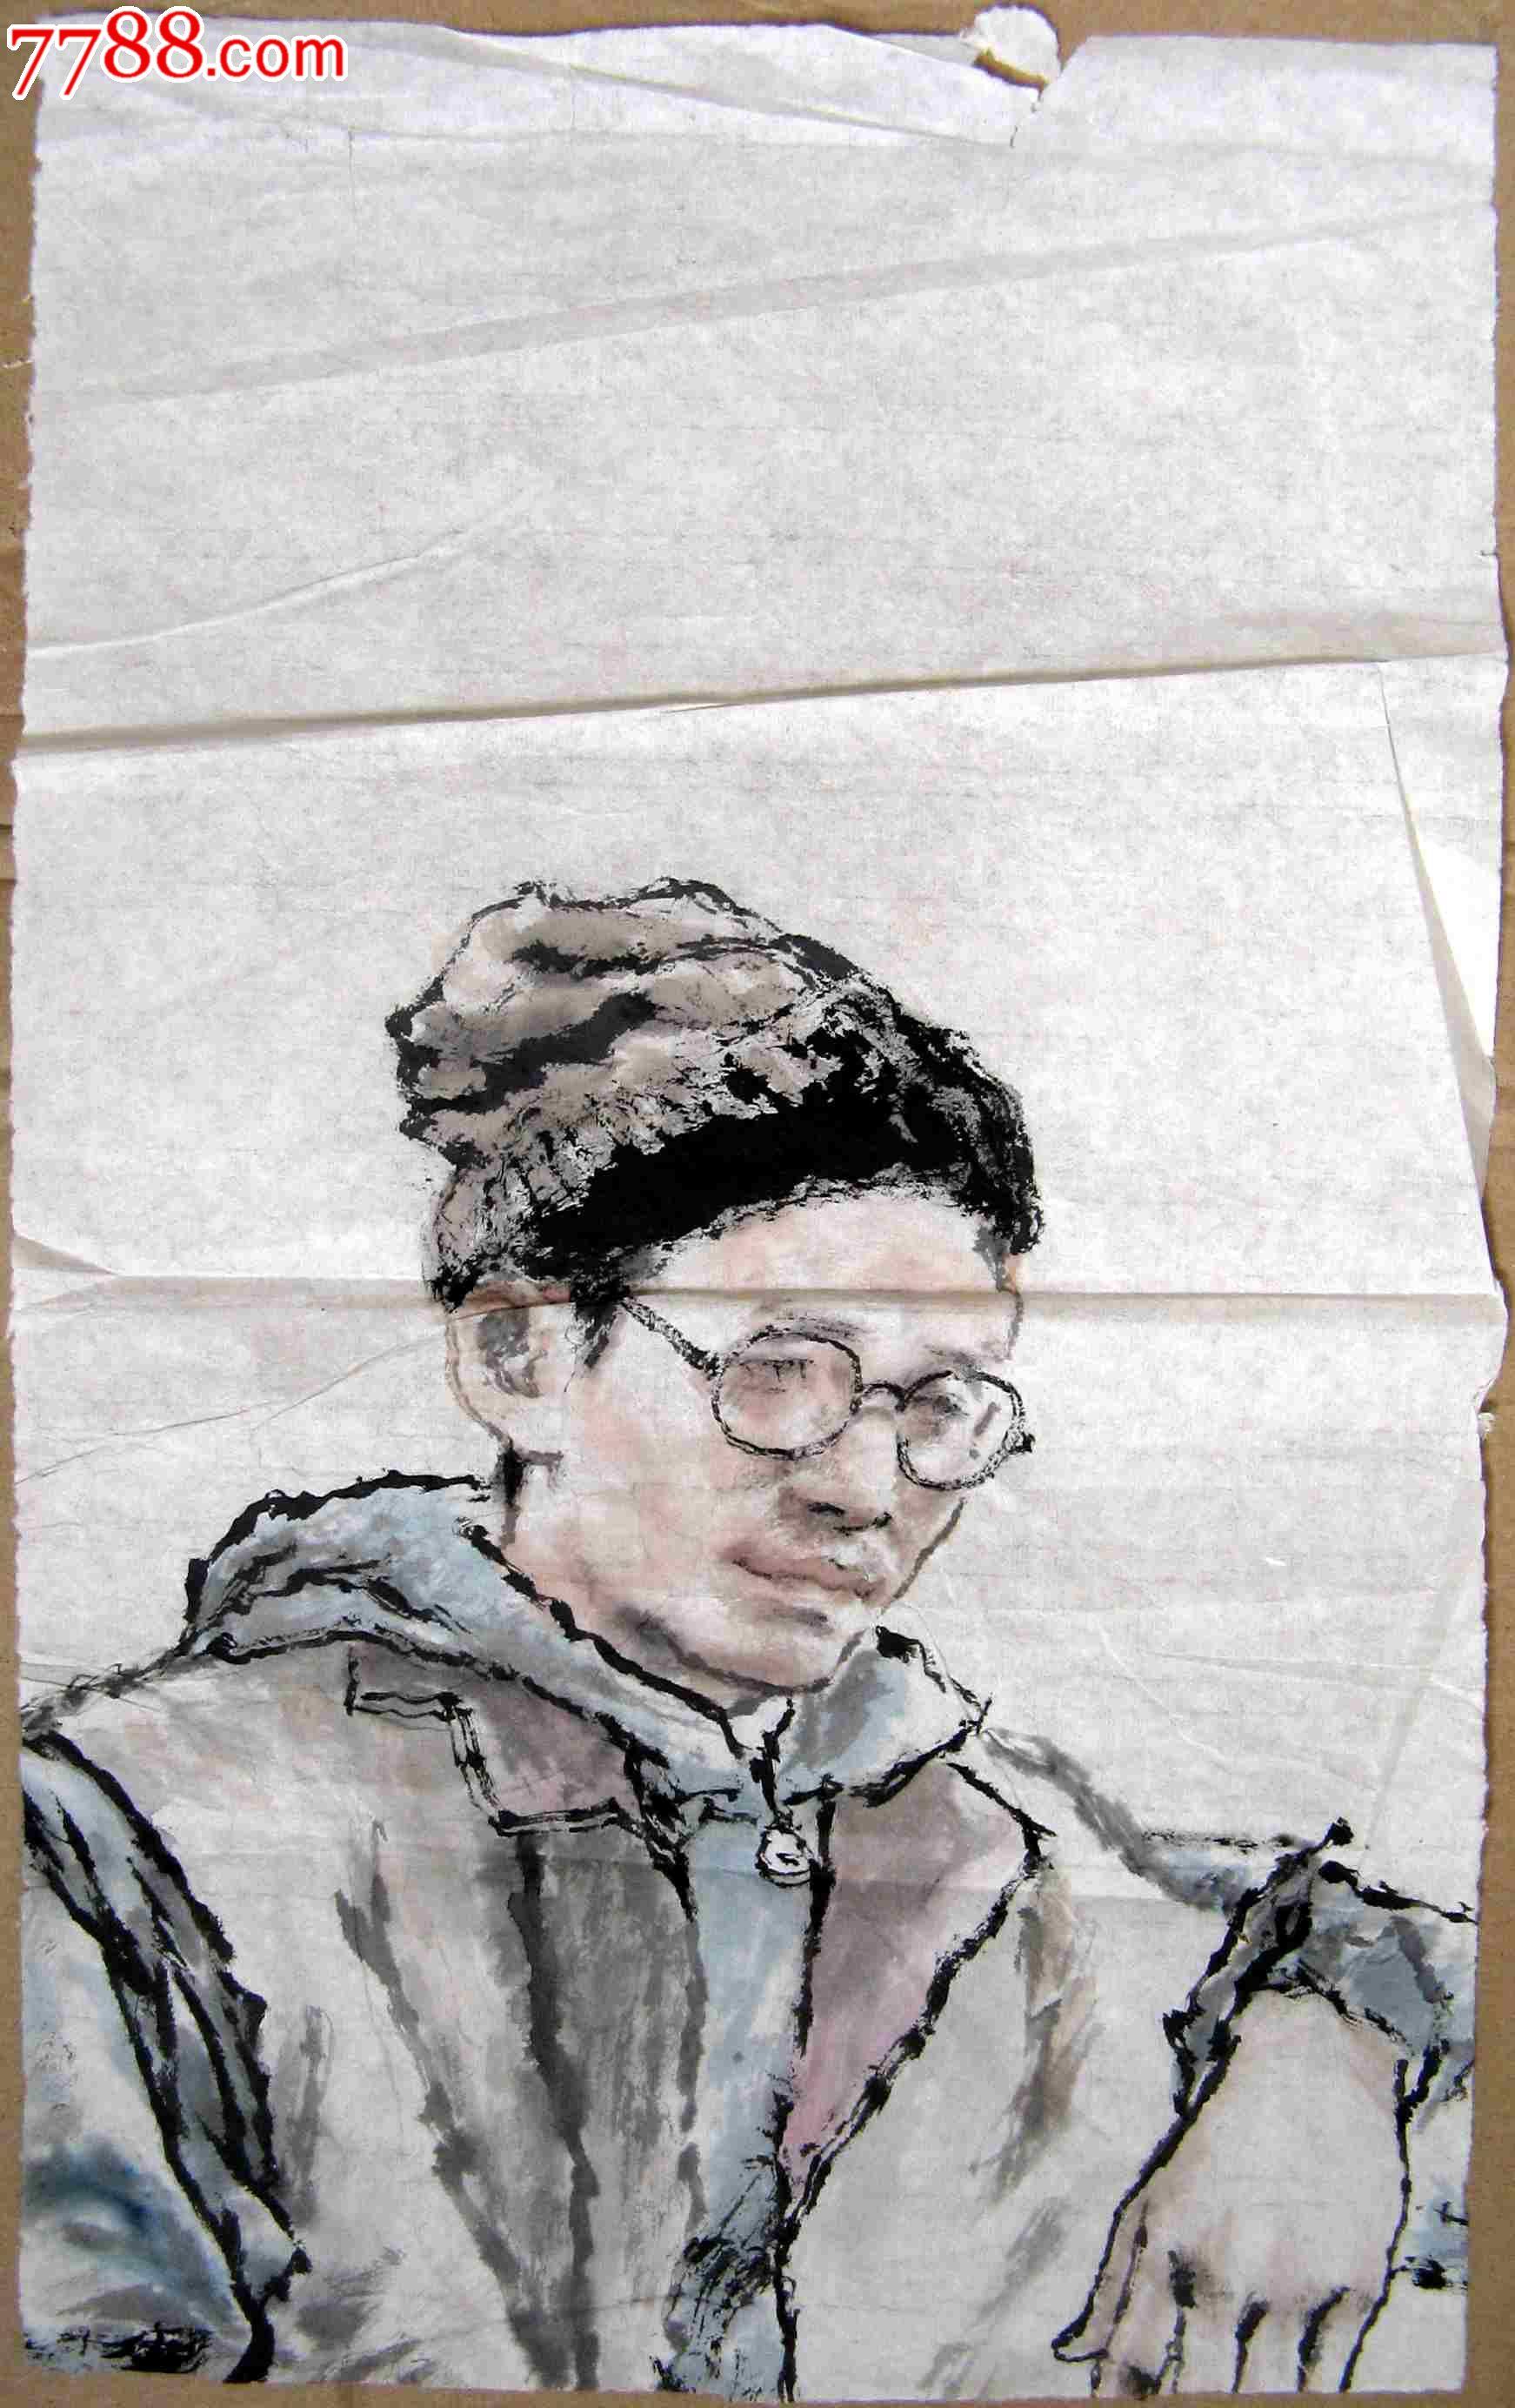 意人物画:眼镜男